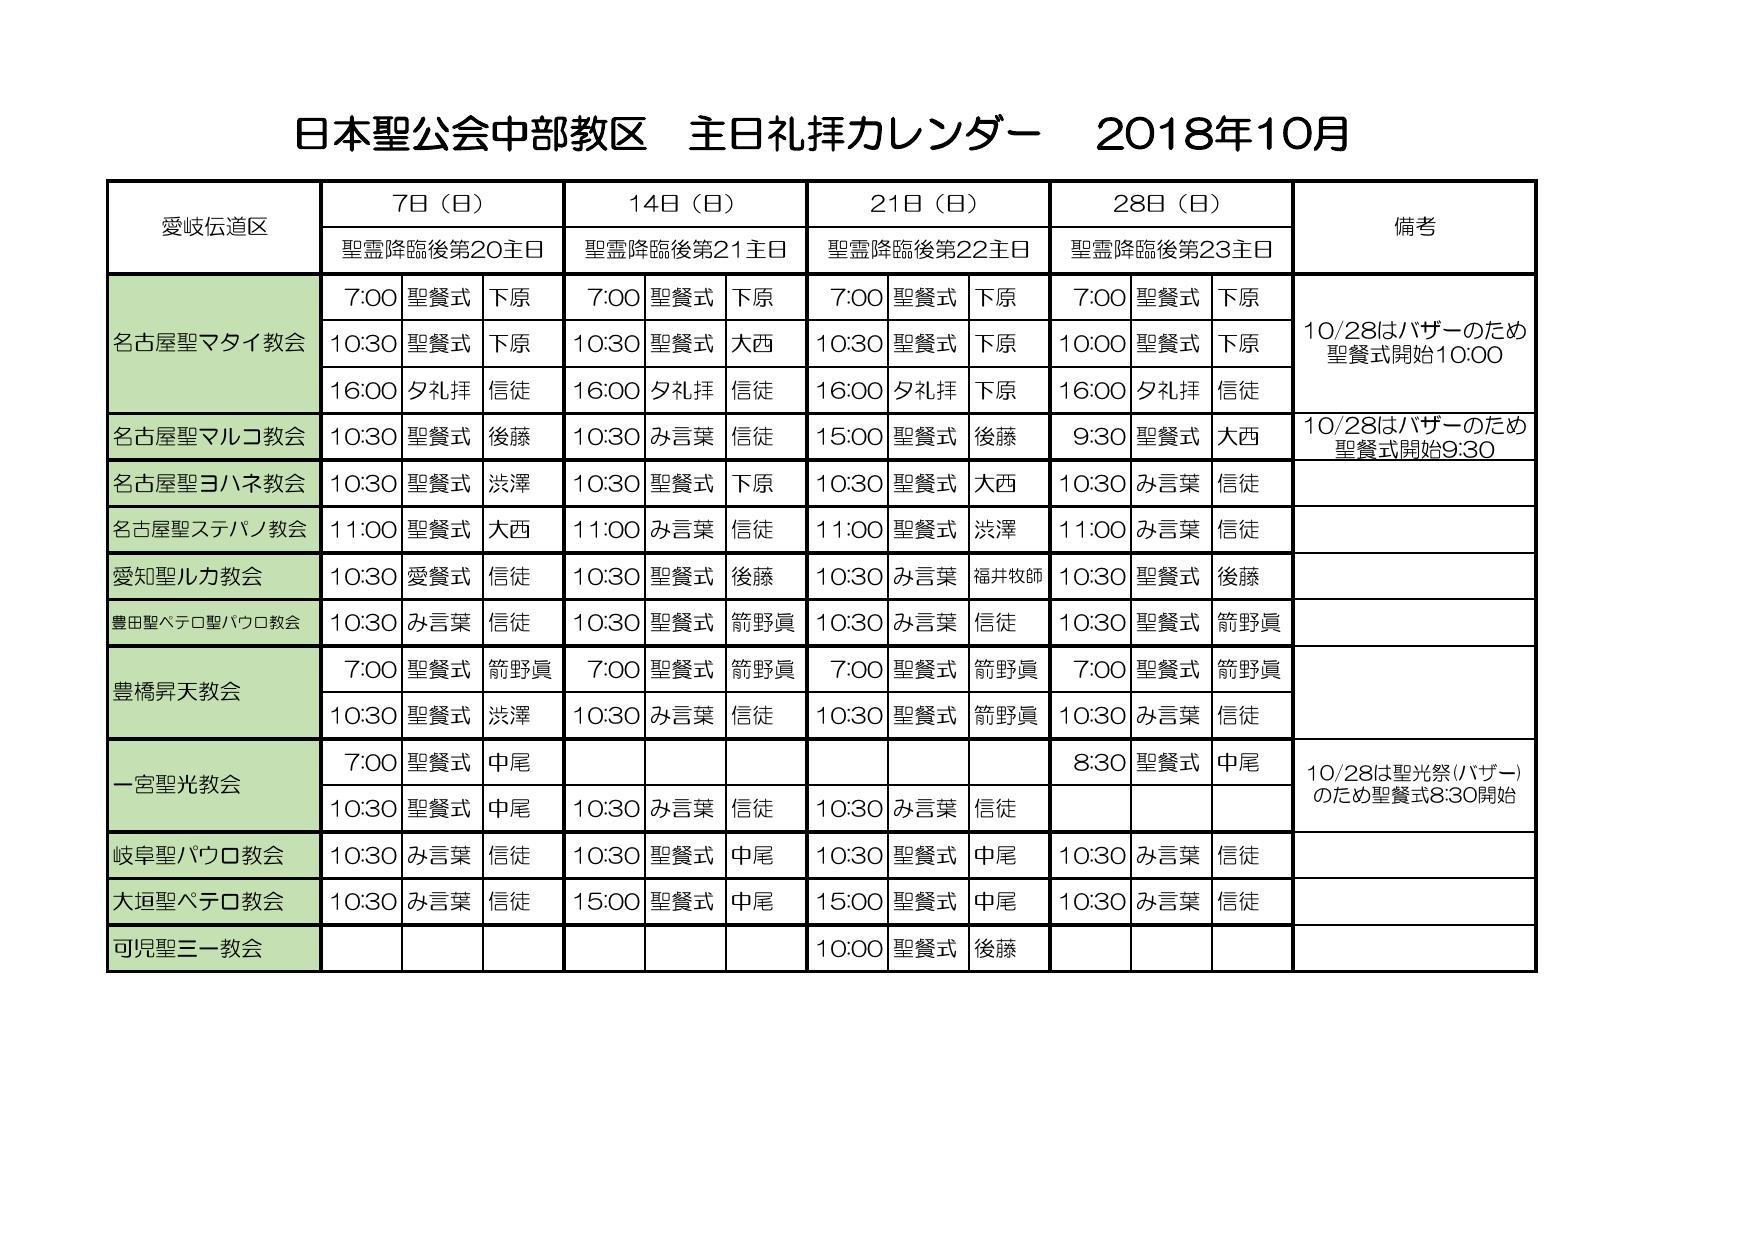 礼拝カレンダー2018年10月_000001